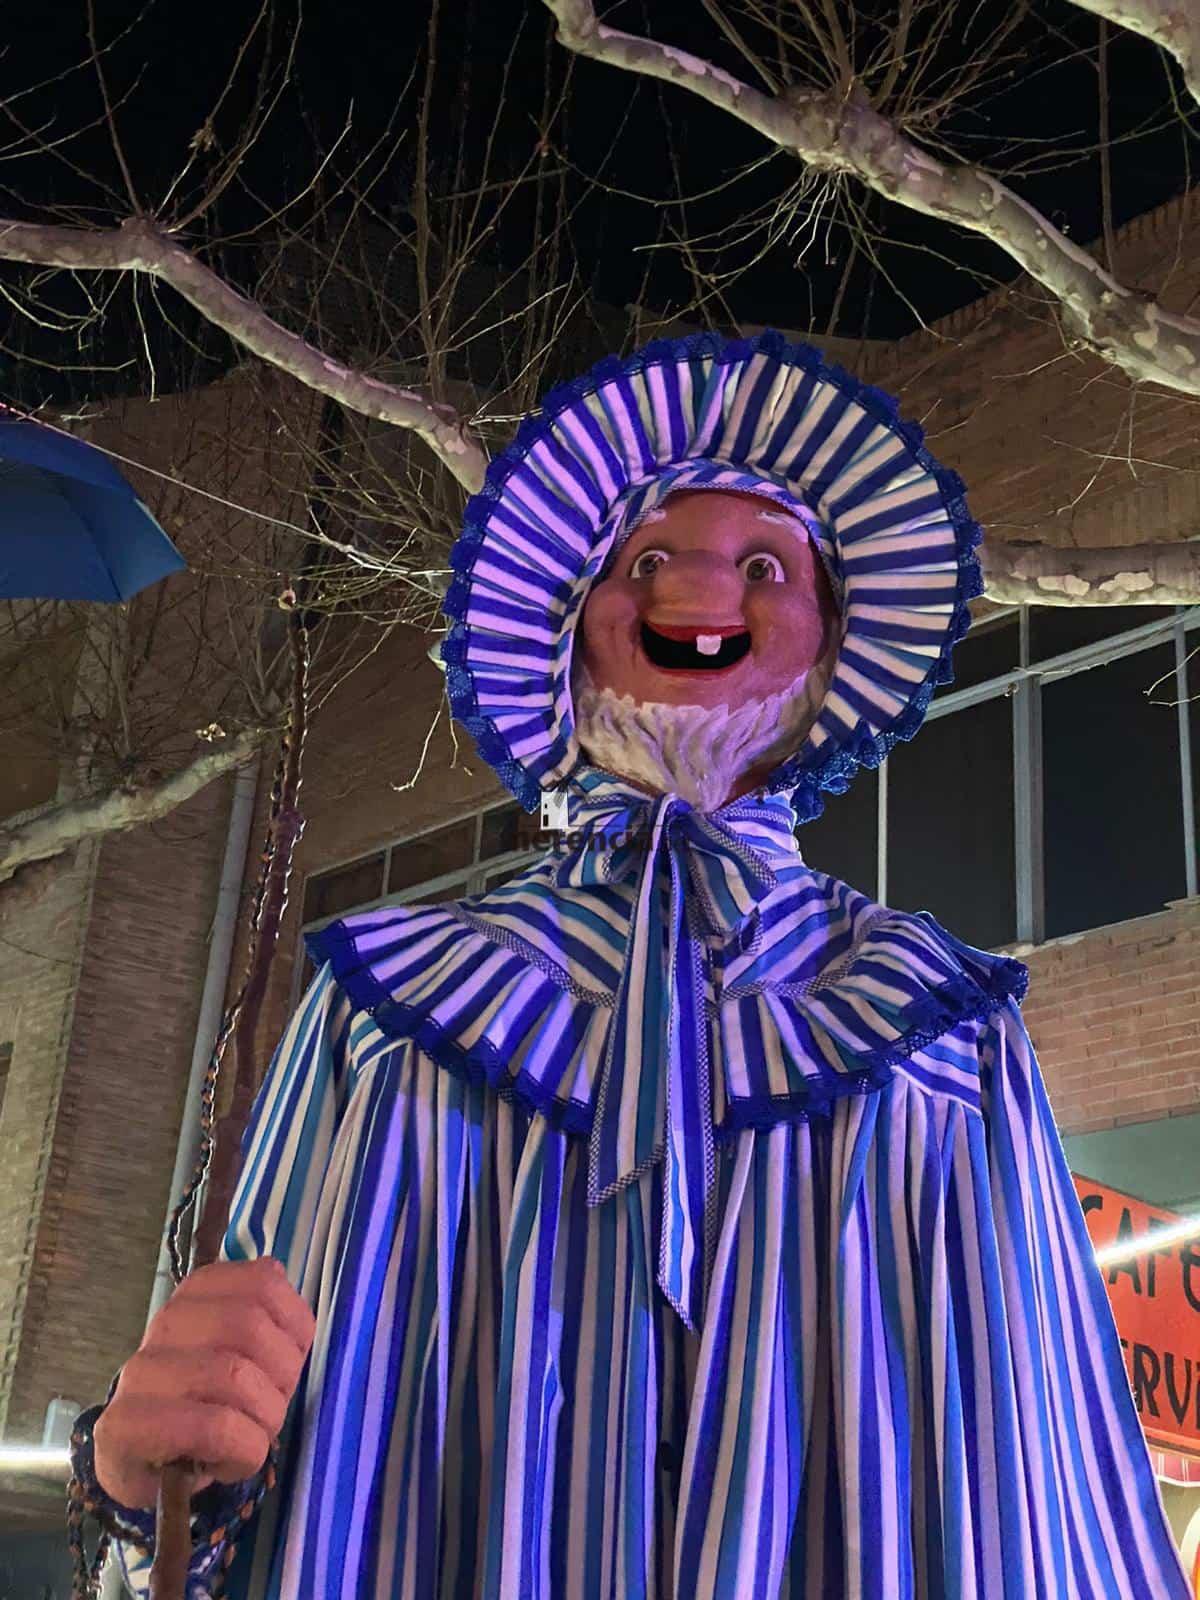 carnaval herencia 2020 viernes prisillas 7 - Viernes de Prisillas 2020 del Carnaval en imágenes